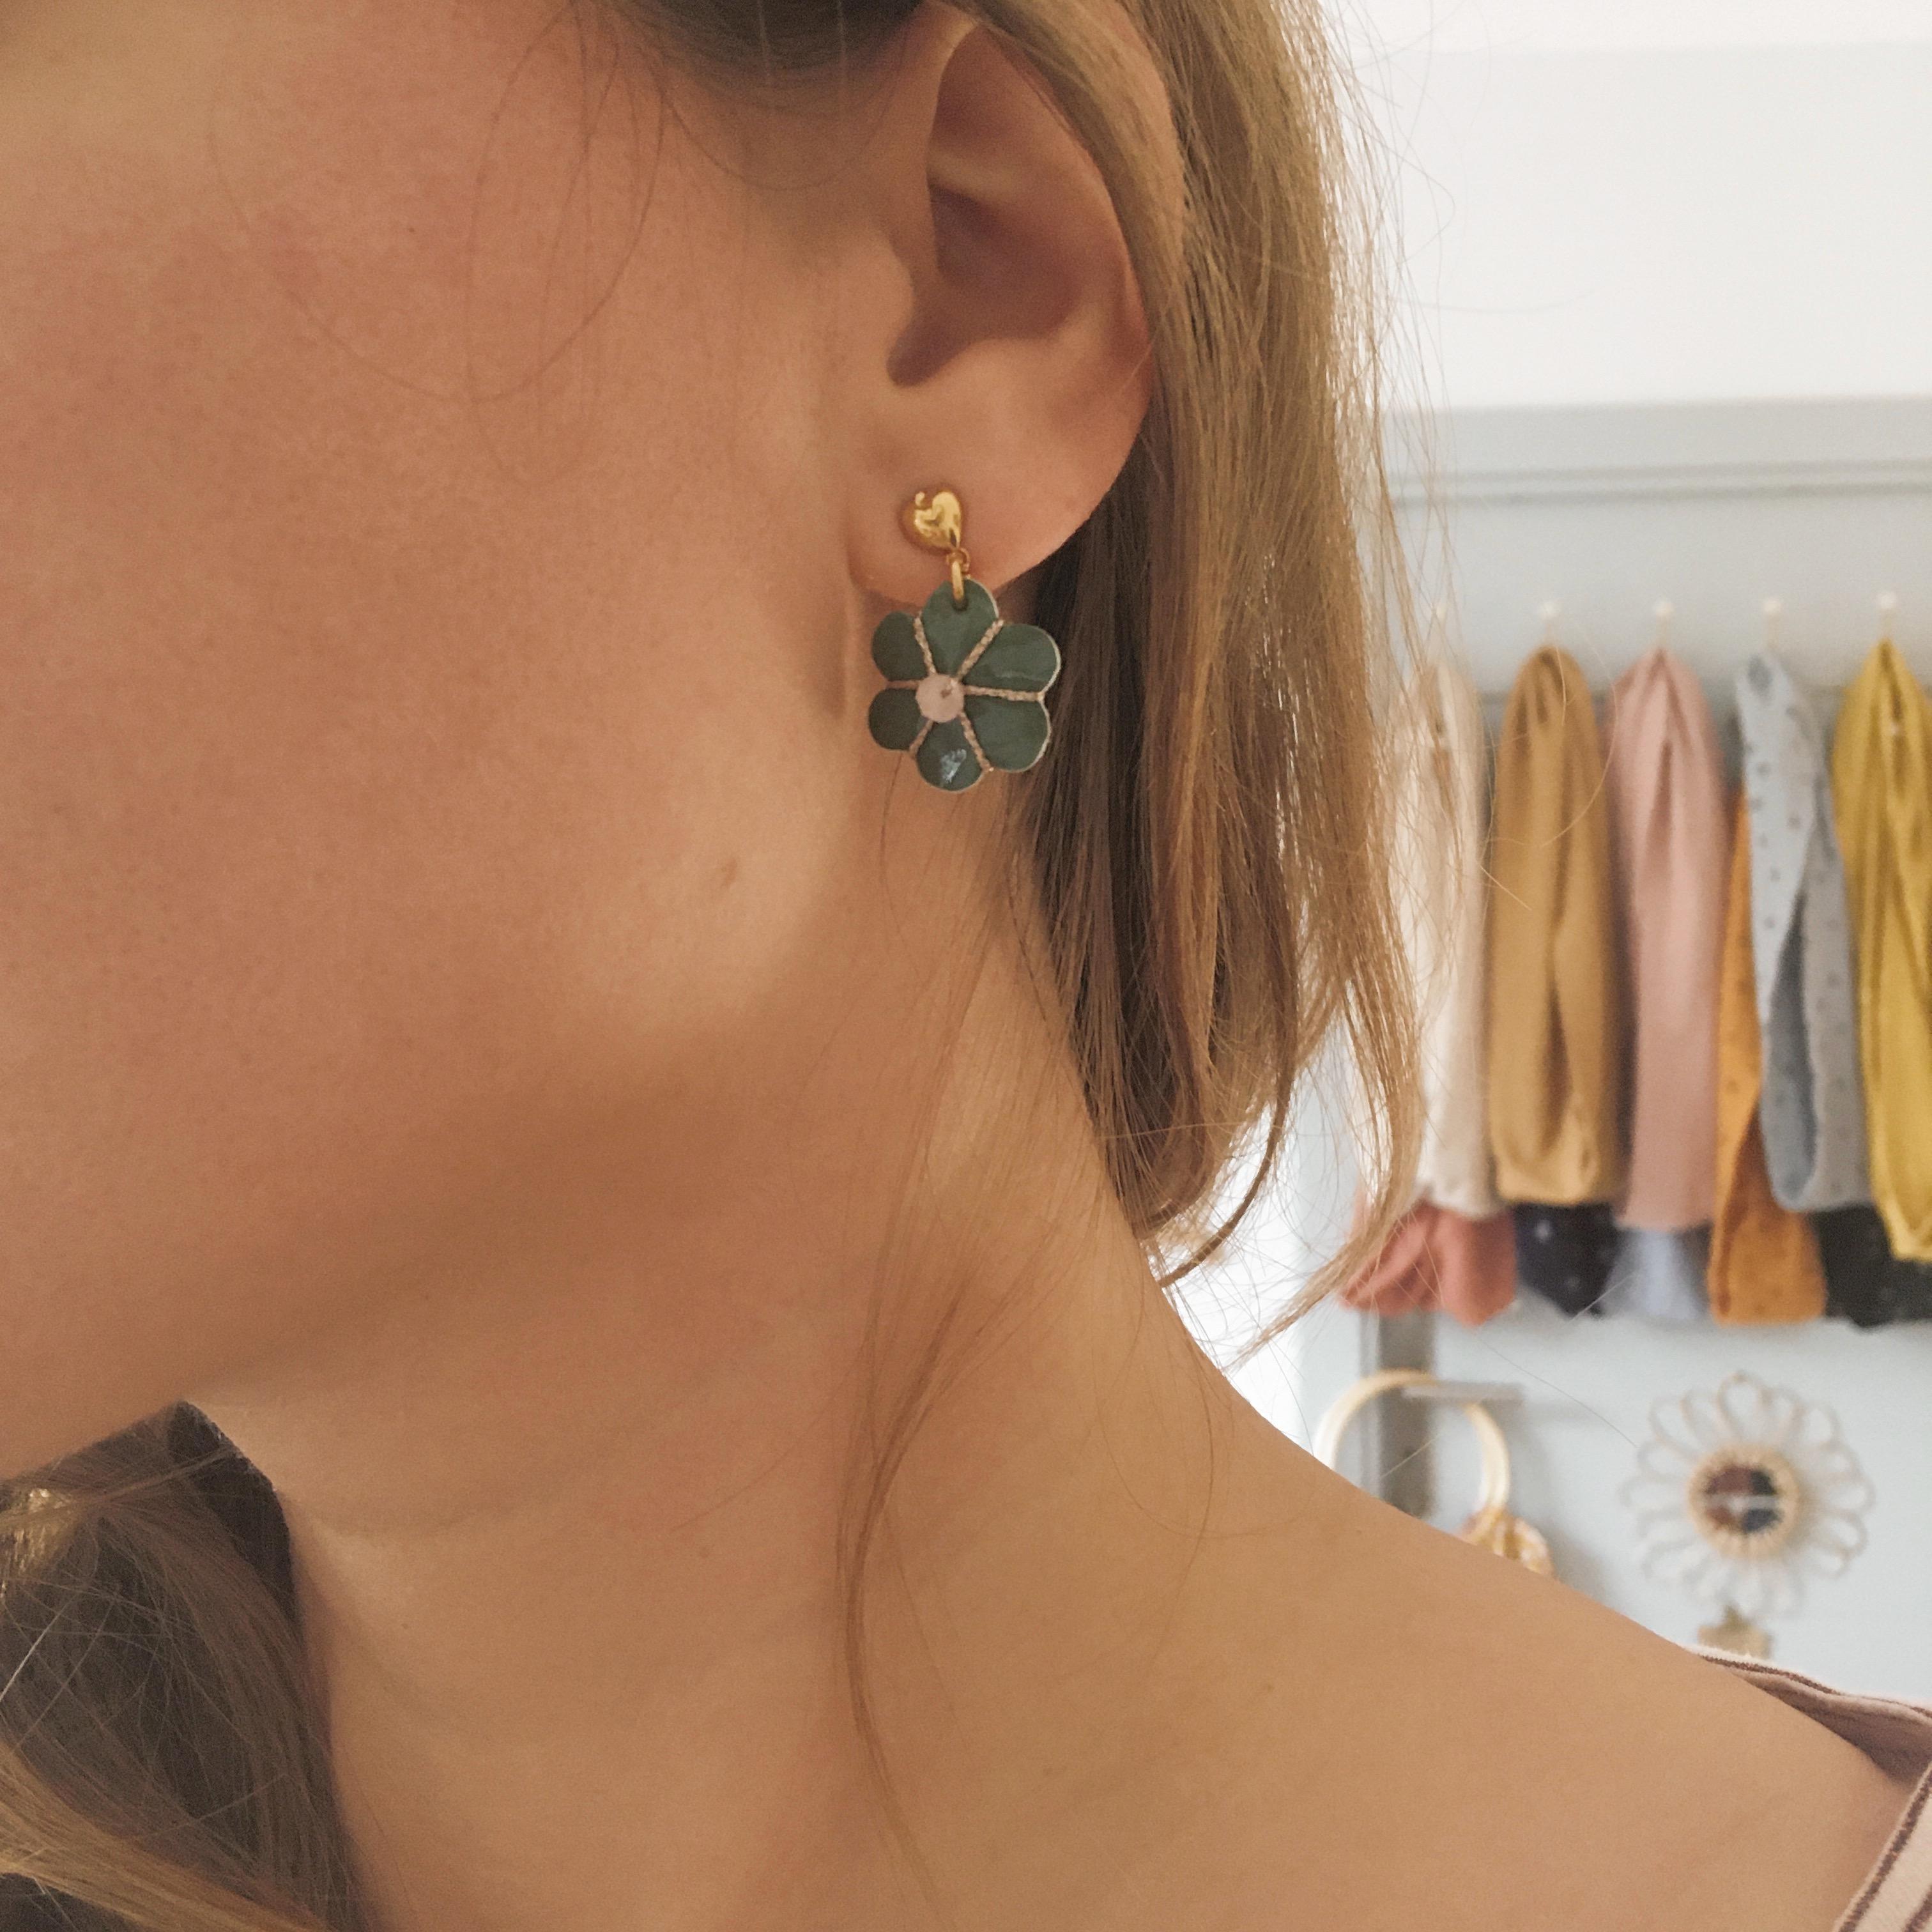 boucles-doreilles-brodees-perles-naturelles-bijoux-en-cuir-pour-femme-made-in-France-fleurs-de-boheme-chic-du-vent-dans-mes-valises